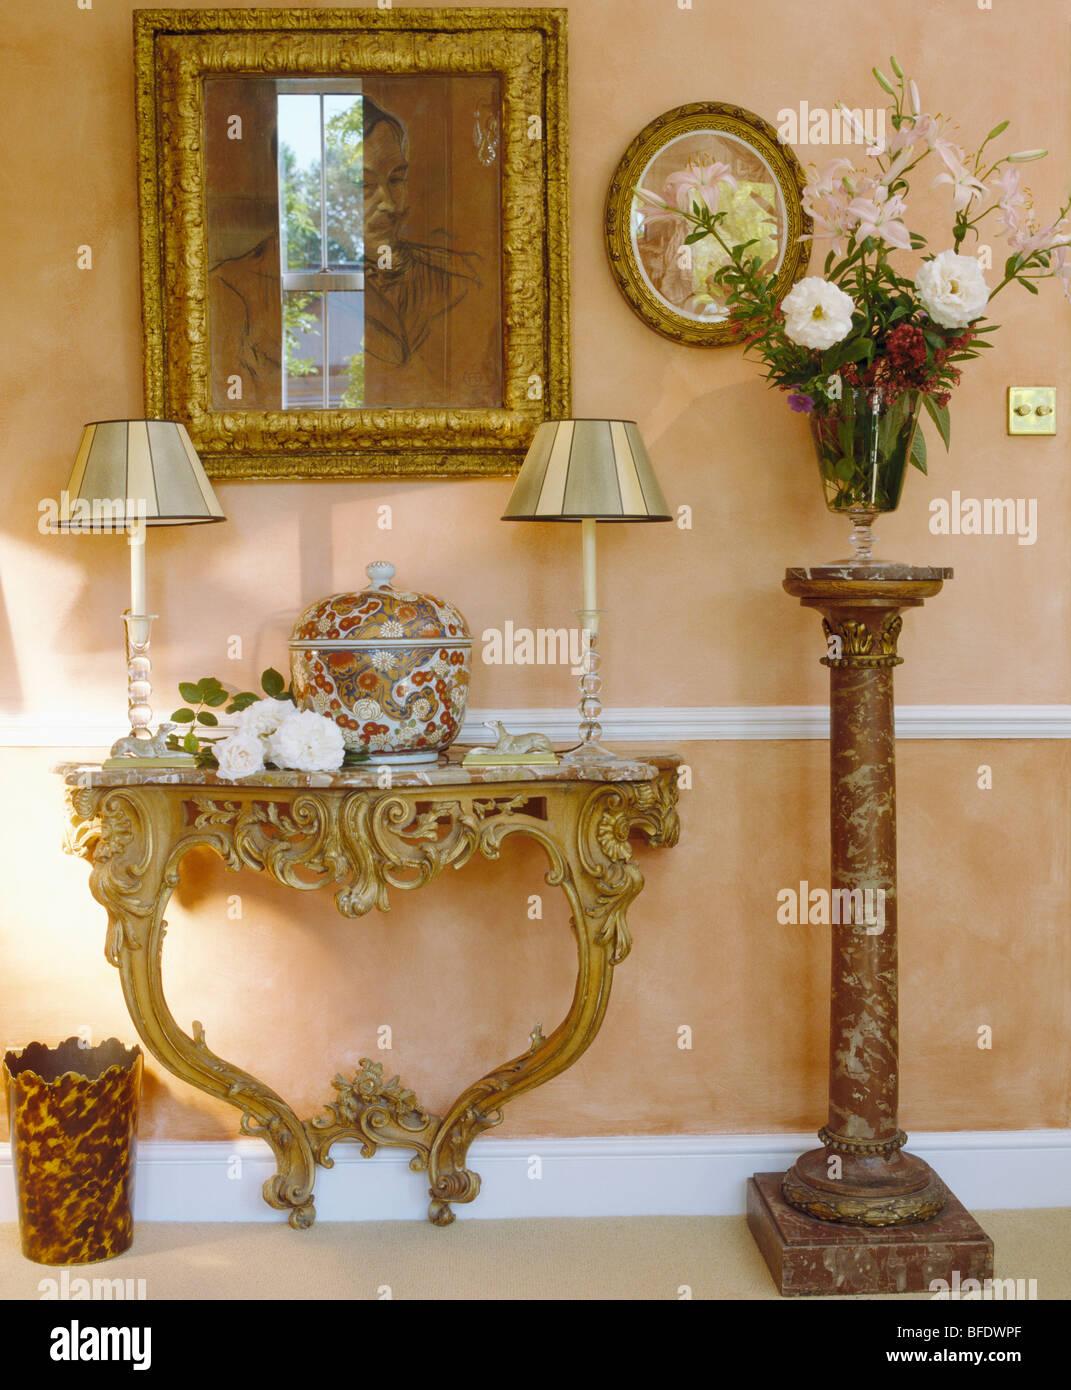 Vergoldeter spiegel ber reich verzierte barocke konsolentisch in traditionellen creme halle mit - Konsolentisch mit spiegel ...